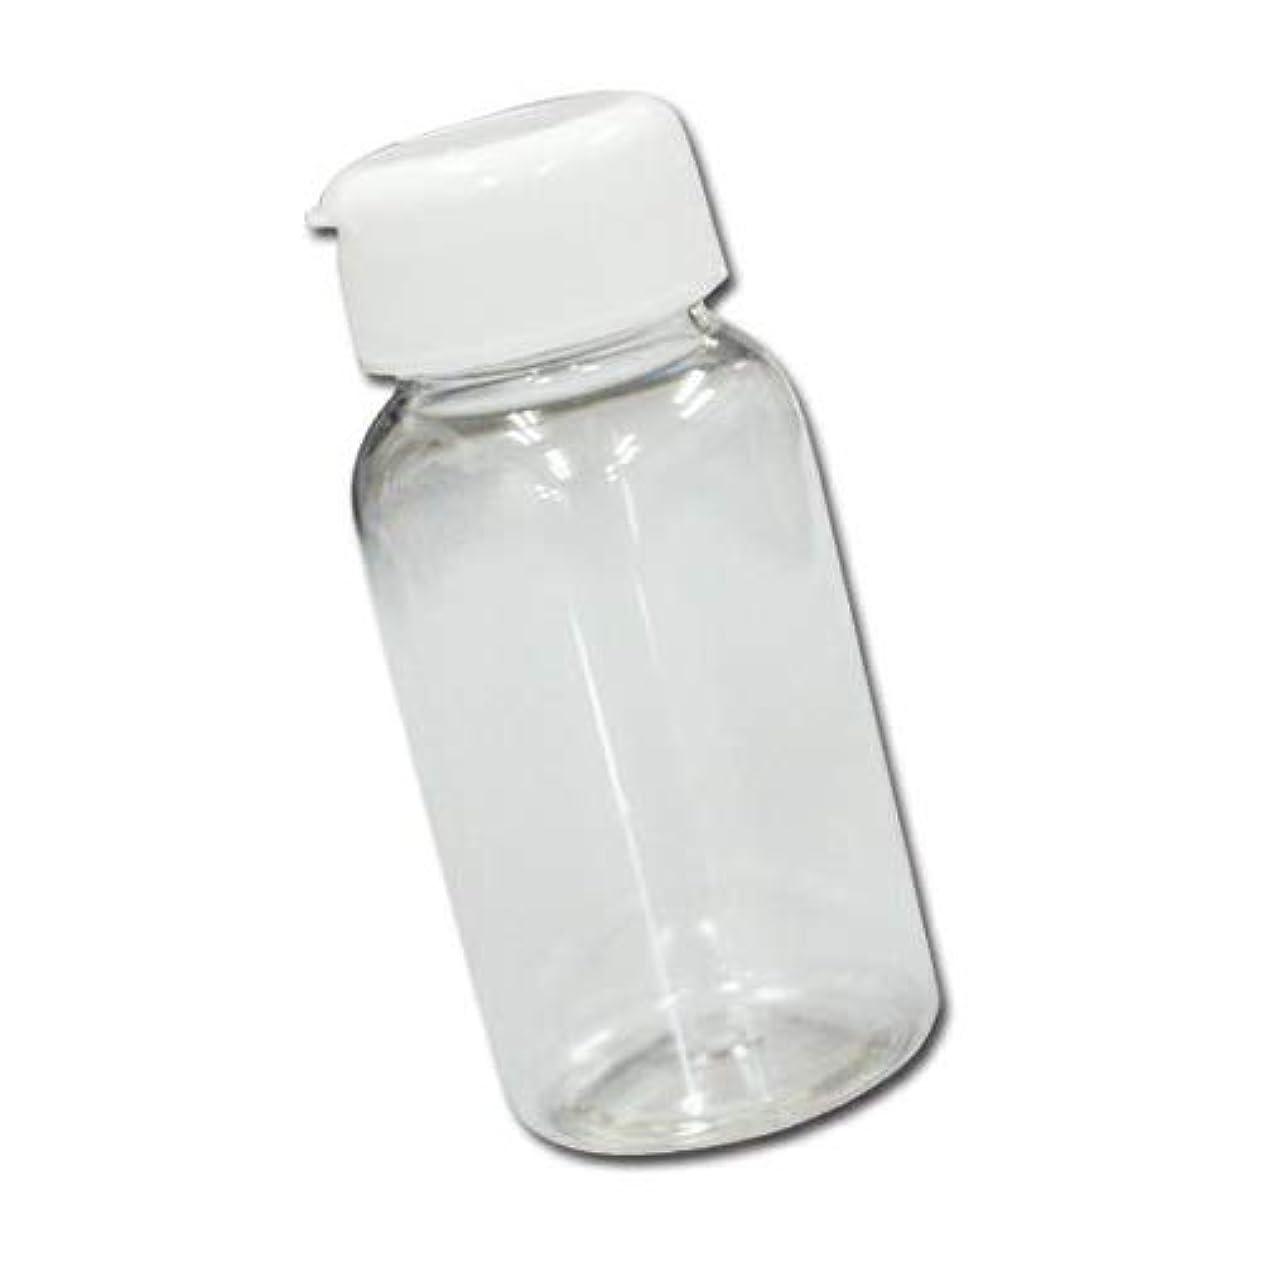 ロッジ母音不名誉パウダー用詰め替え容器200mlボトル│業務用マッサージパウダーや調味料の小分けに最適な穴あき詰め替えボトル